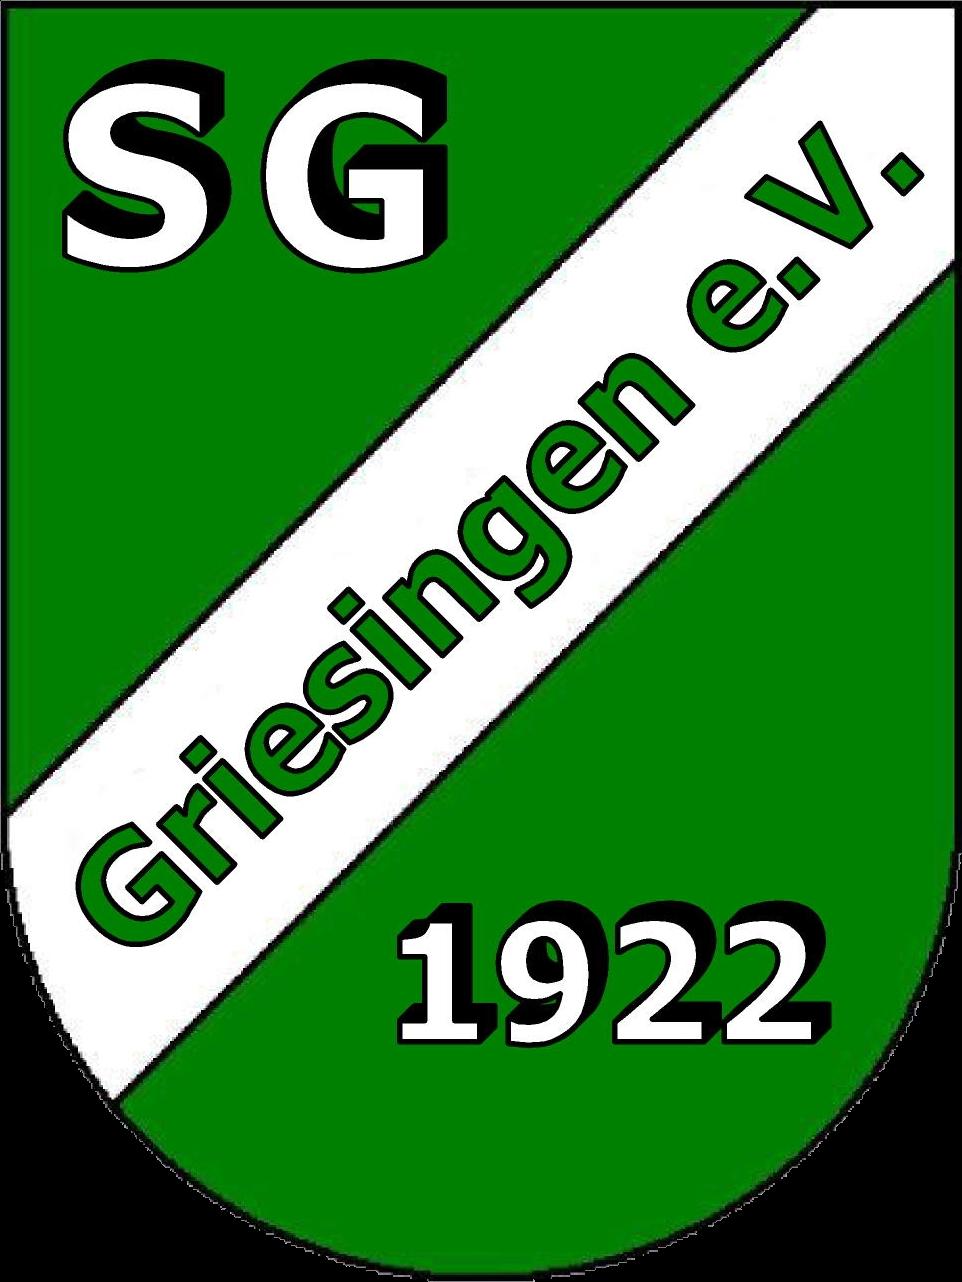 SG-Griesingen